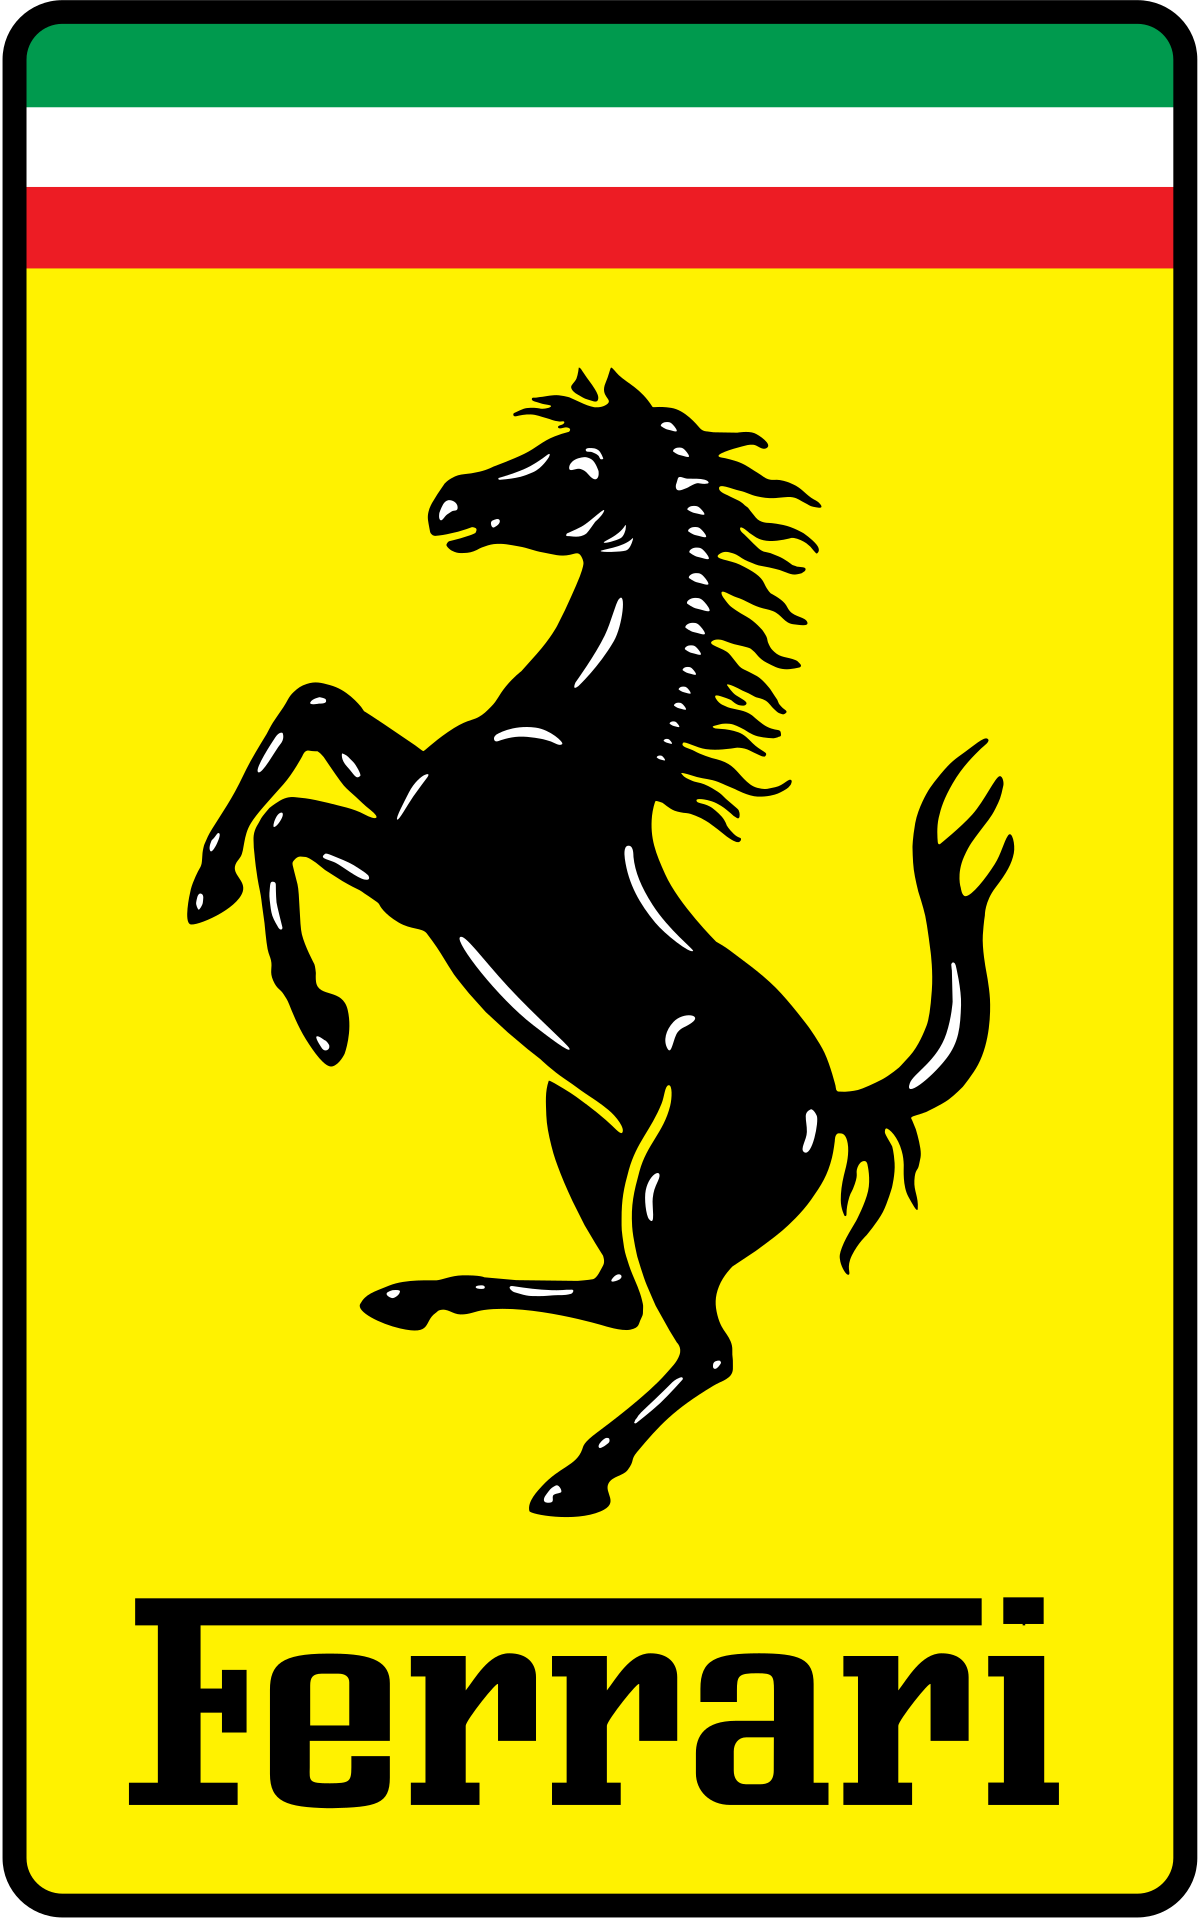 Ferrari.